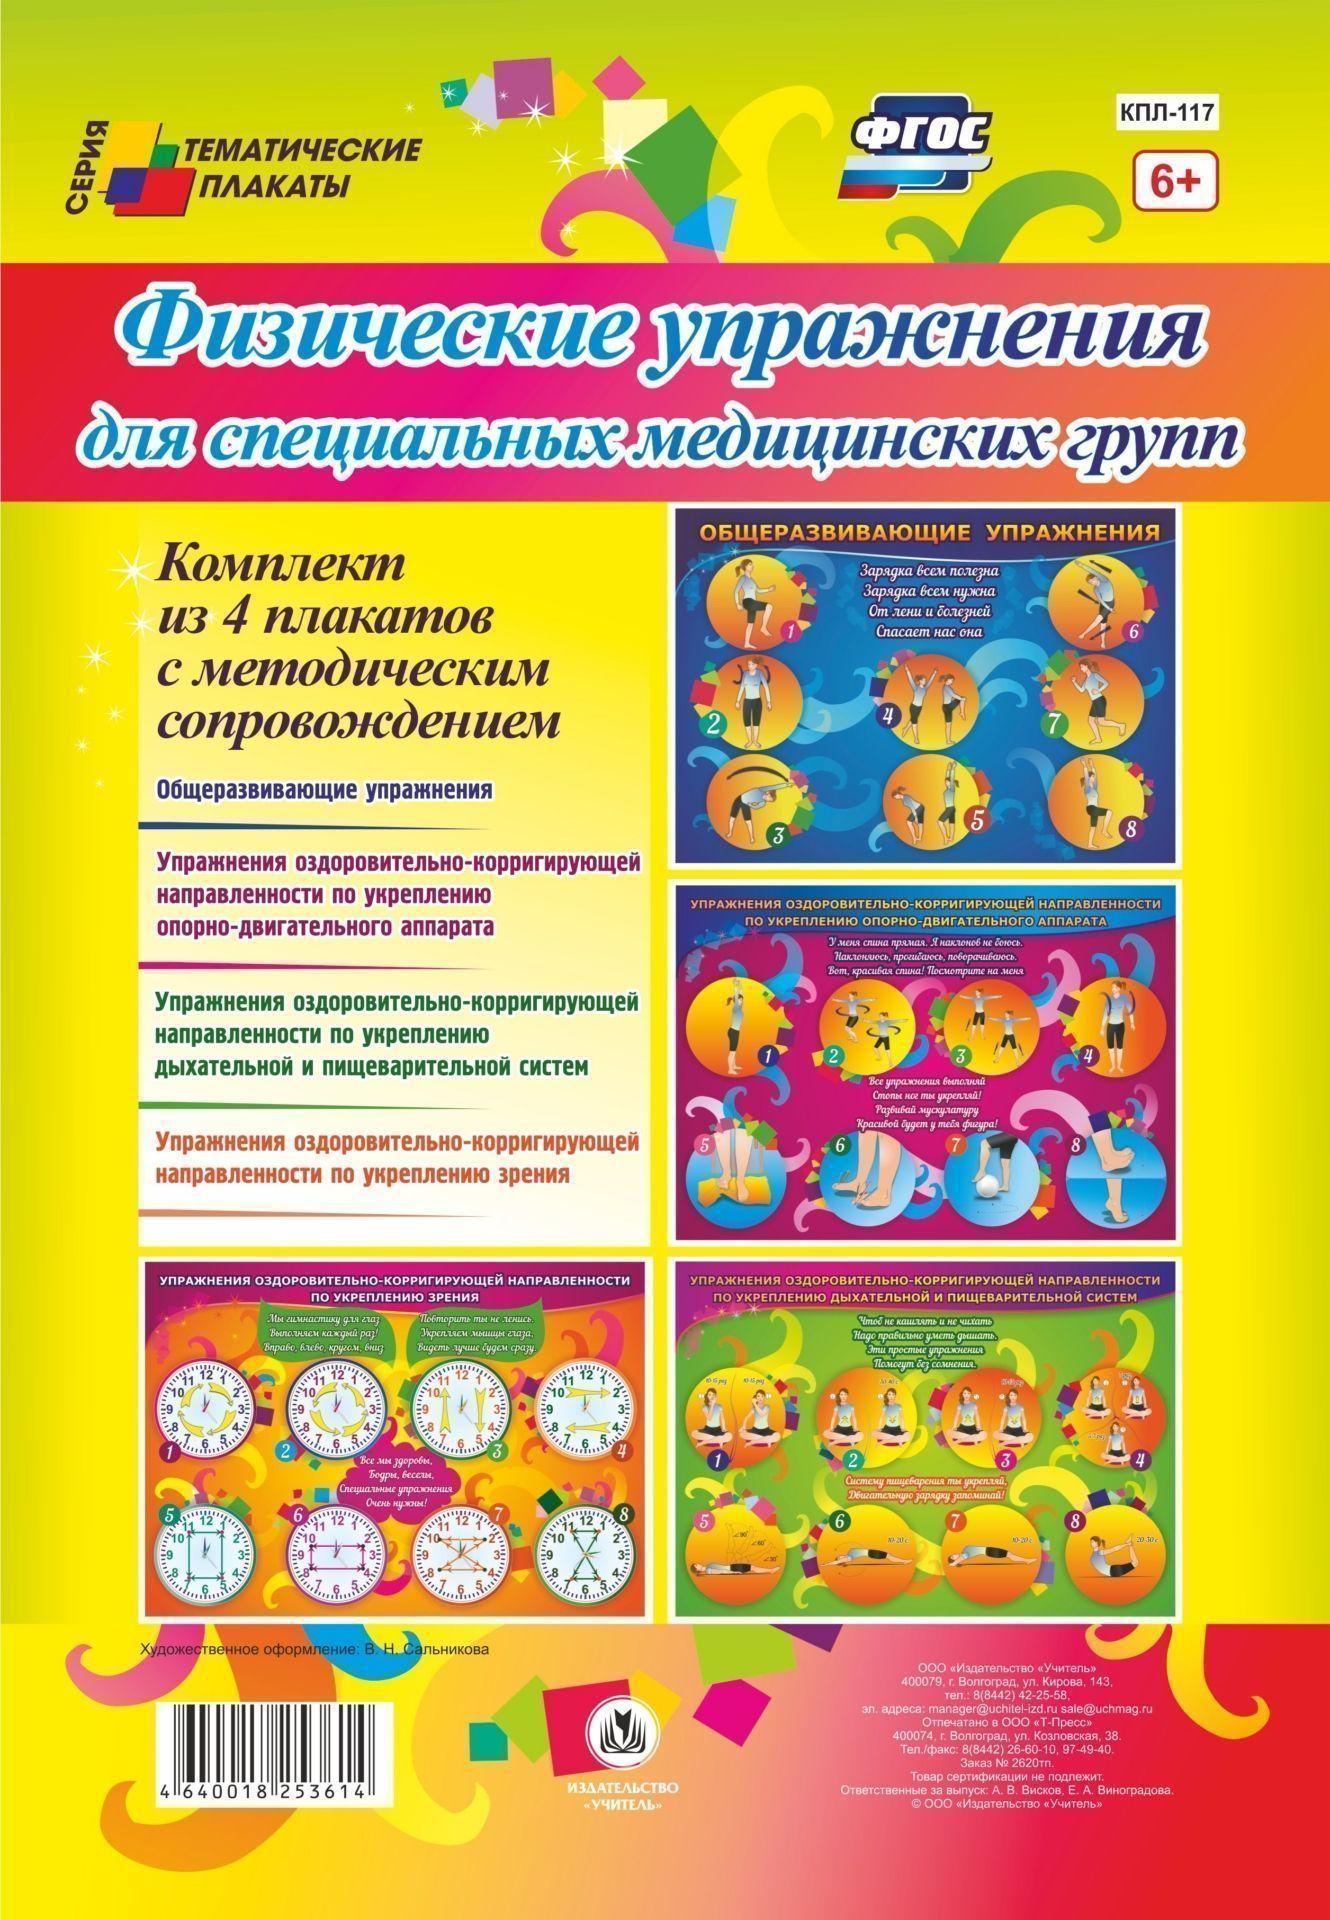 Комплект плакатов Физические упражнения для специальных медицинских групп: 4 плаката с методическим сопровождениемИнформационно-деловое оснащение ДОО<br>Комплект тематических плакатов Физические упражнения для специальных медицинских групп включает 4 красочных иллюстрированных плакатов:1. Общеразвивающие упражнения.2. Упражнения оздоровительно-корригирующей направленности по укреплению опорно-двигательн...<br><br>Год: 2017<br>Серия: Тематические плакаты<br>Высота: 594<br>Ширина: 420